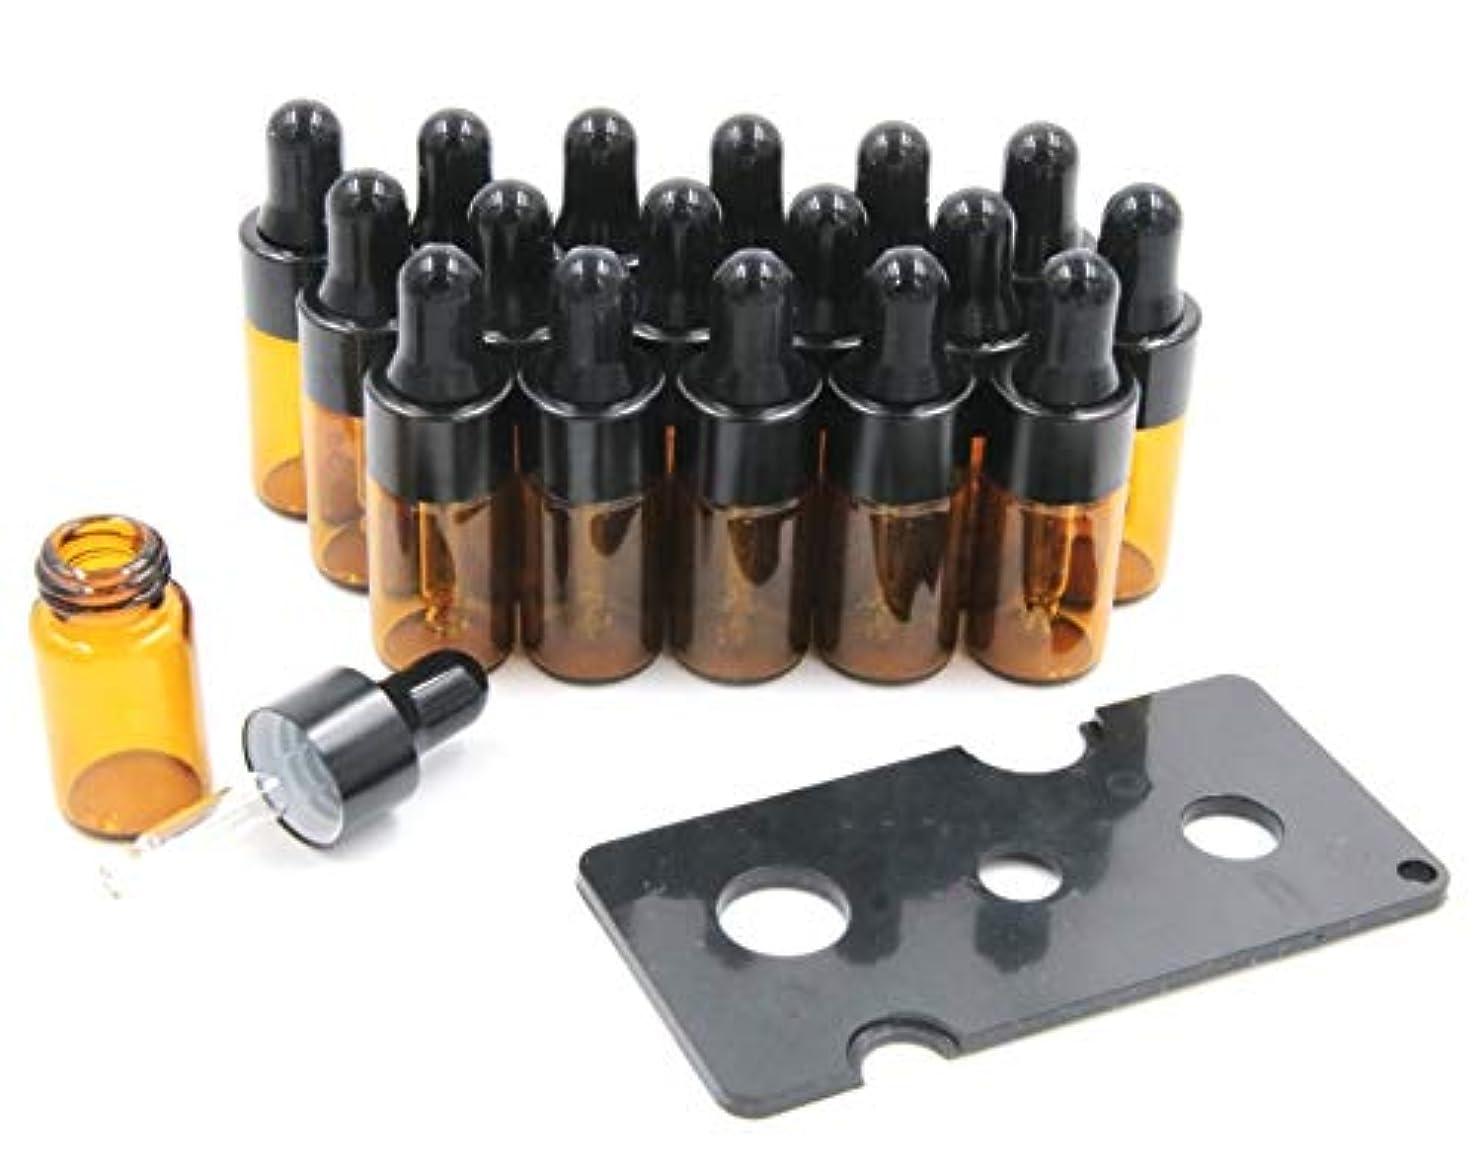 ずるい吸収する瞳XPdesign アロマ スポイト遮光瓶 アロマオイル 遮光瓶 保存 容器 小分け 詰め替え 香水 ボトル (3ml 18本セット)